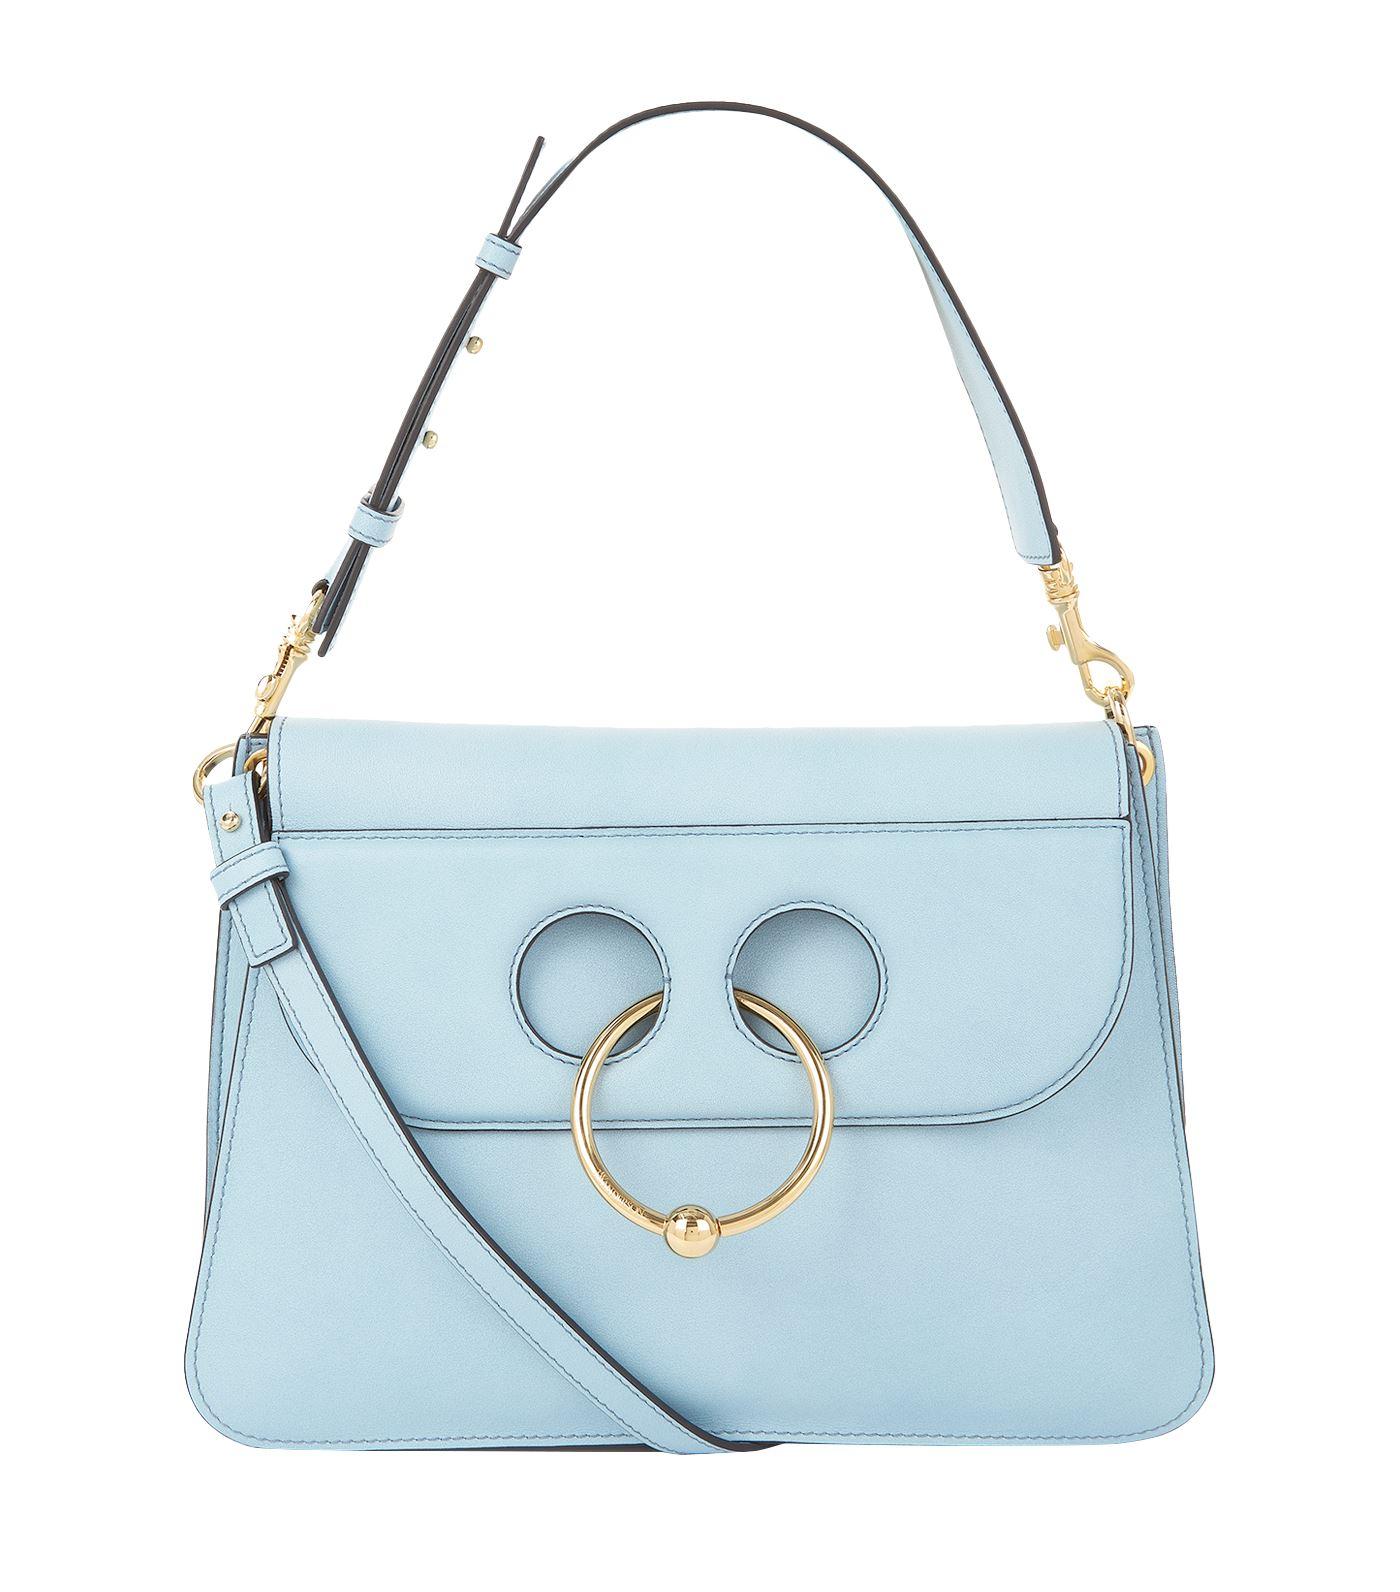 J.W. Anderson Medium Pierce Bag - £1095 at Harrods